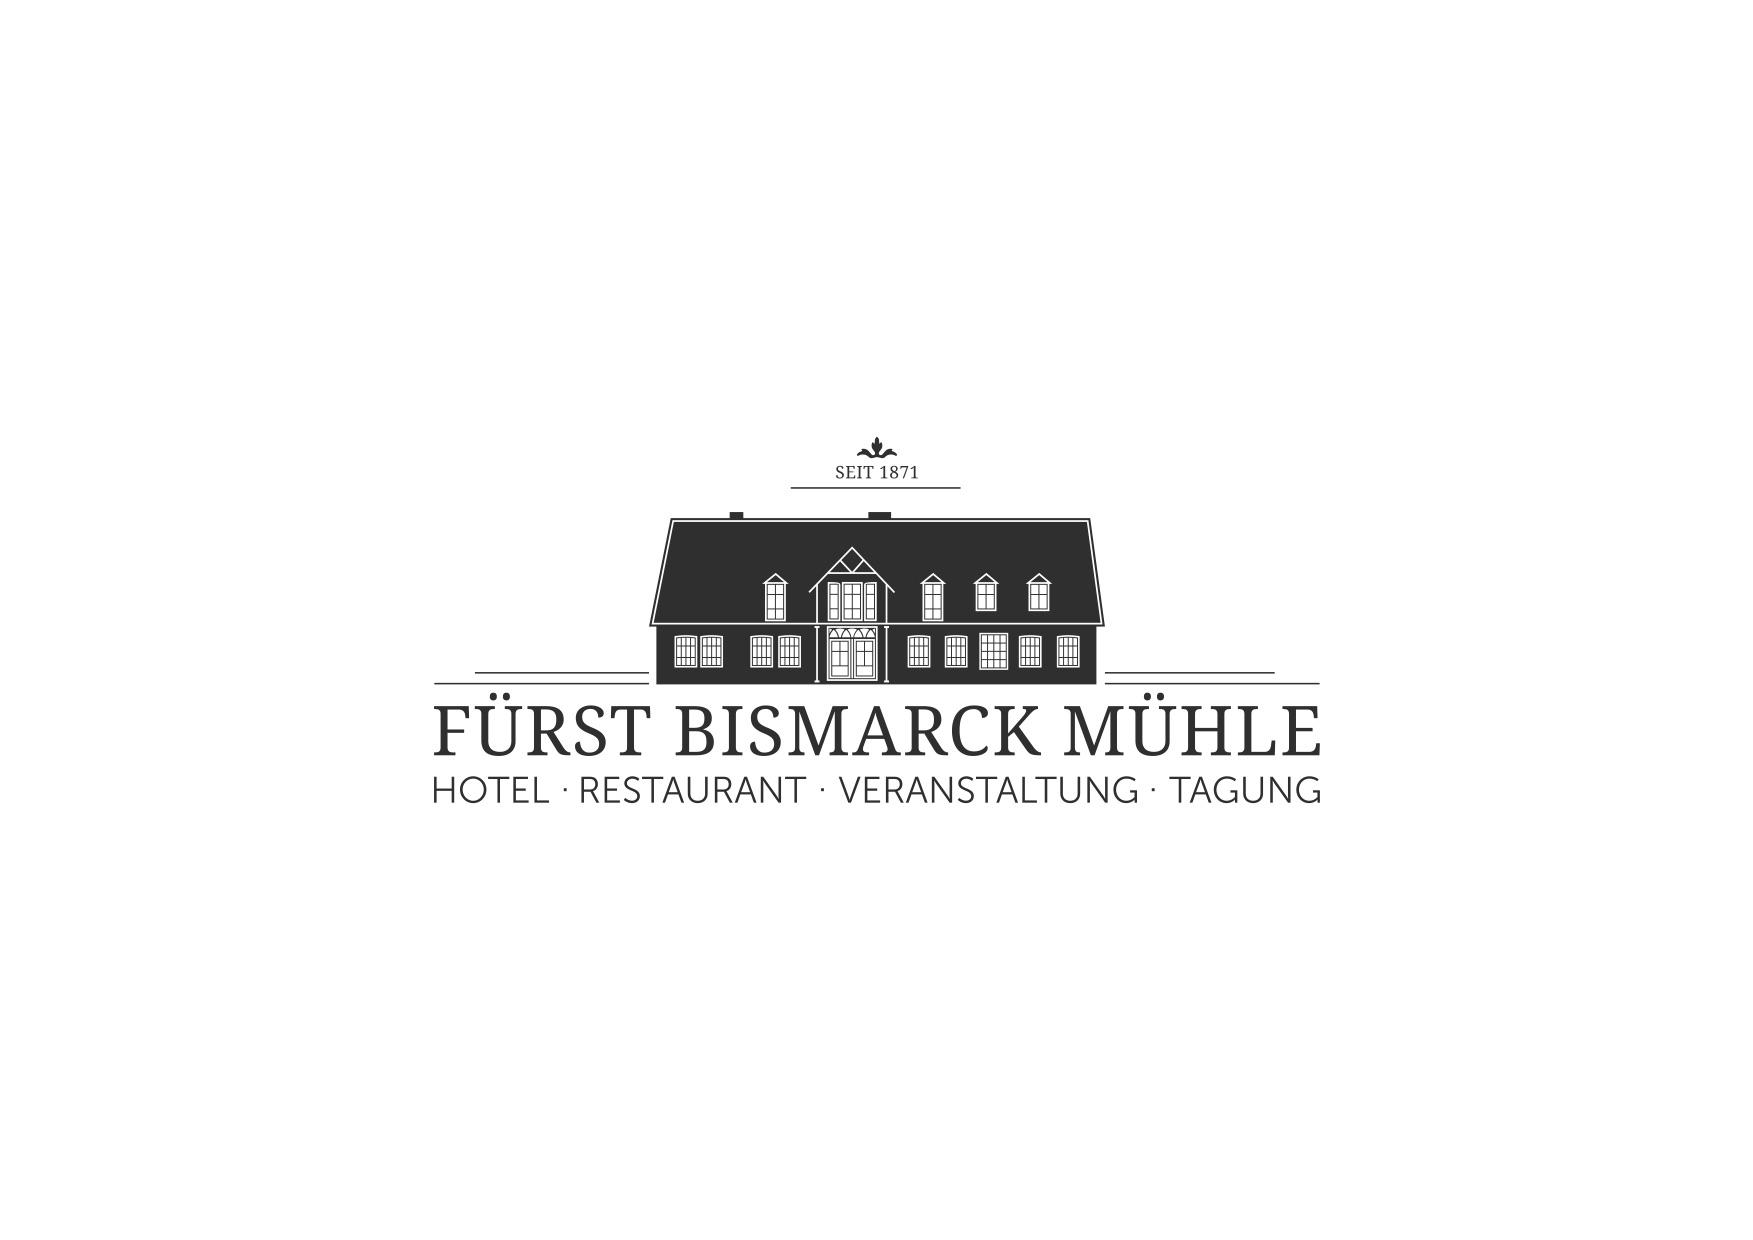 Logo der Fürst Bismarck Mühle